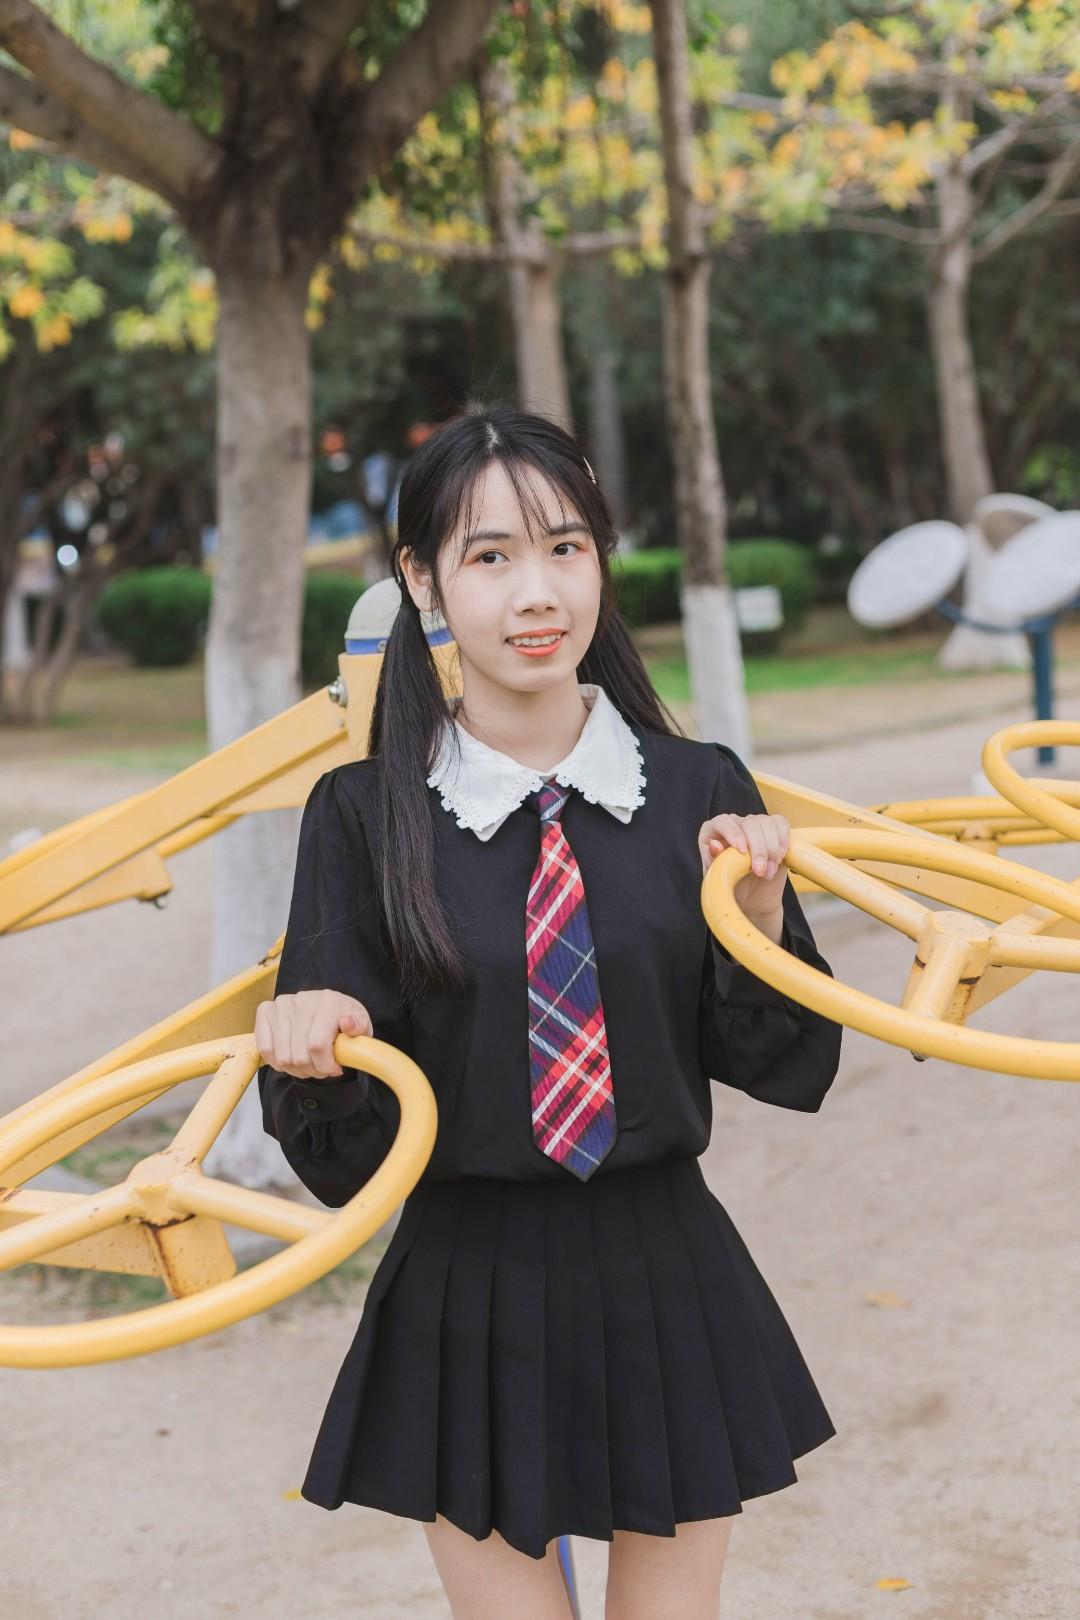 #初秋第一波韩系潮流,跟上!#  这一套非常适合初秋了 黑色衬衫娃娃领的设计很韩系甜美 搭配黑色百褶短裙显高显瘦 再搭配一个红色领带又多了几分学院风